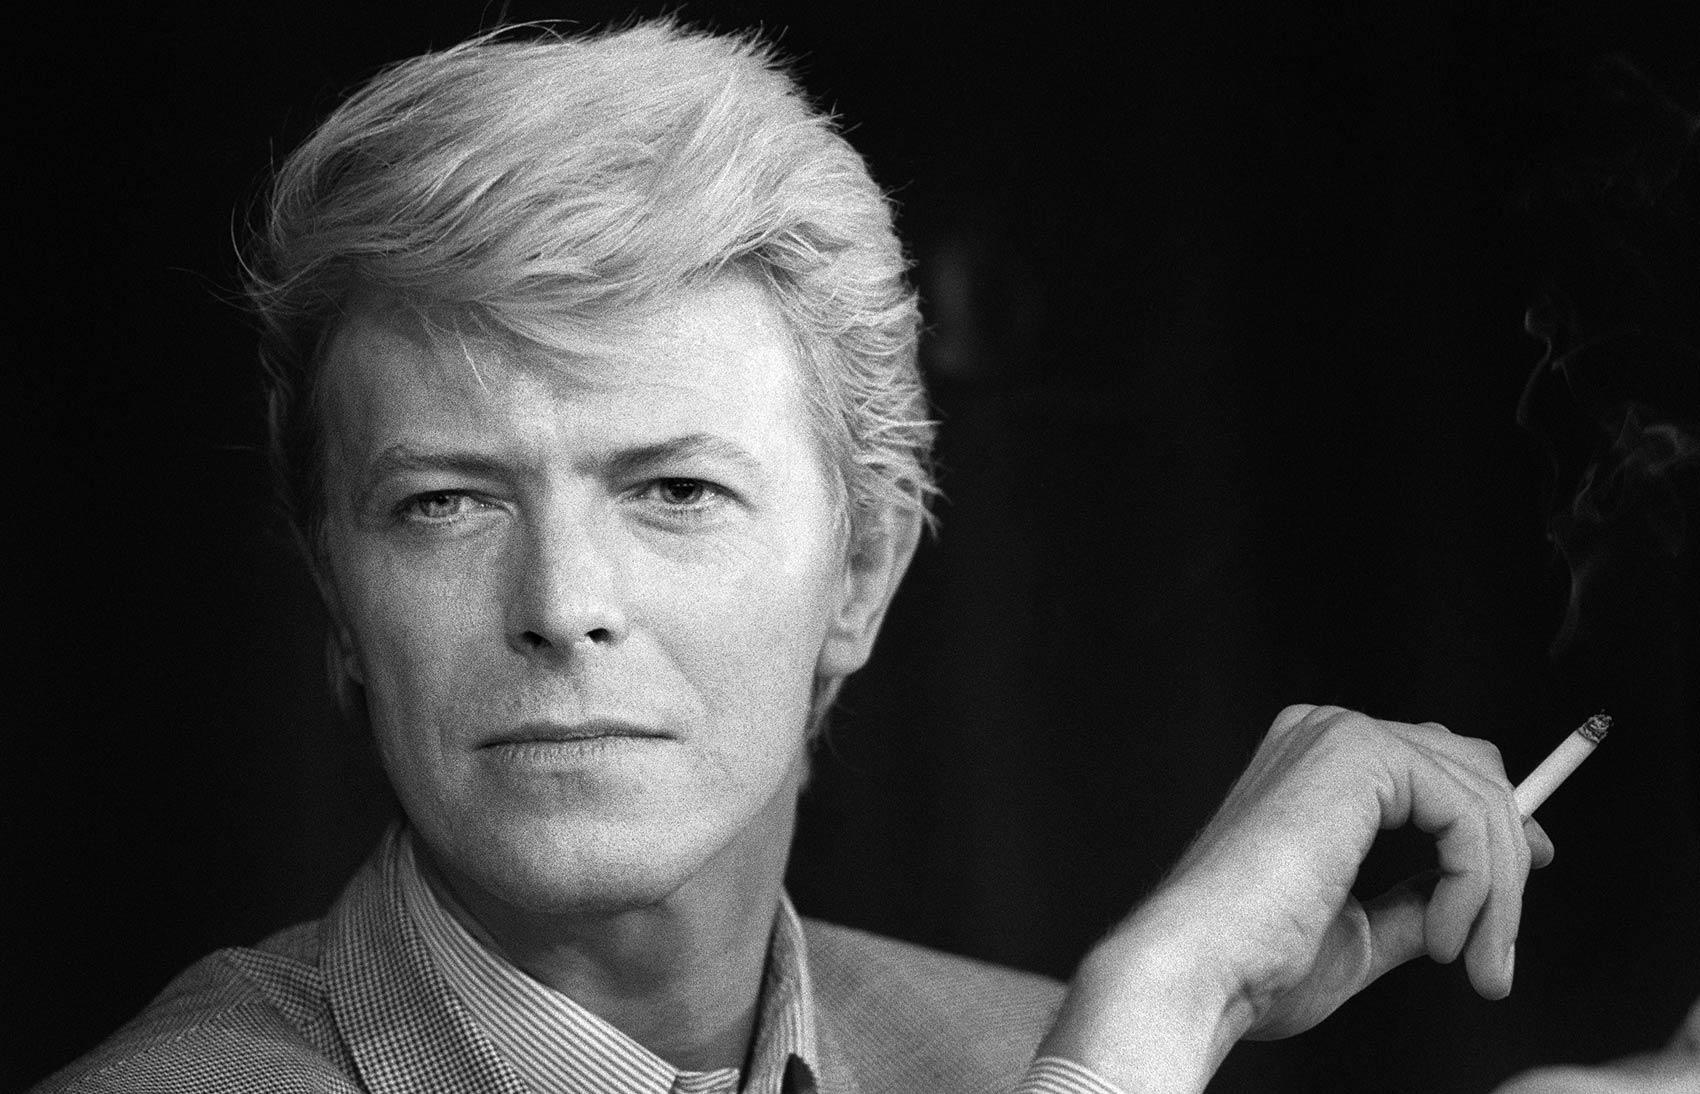 David Bowie fuma um cigarro durante coletiva de imprensa no festival de cinema de Cannes em maio de 1983